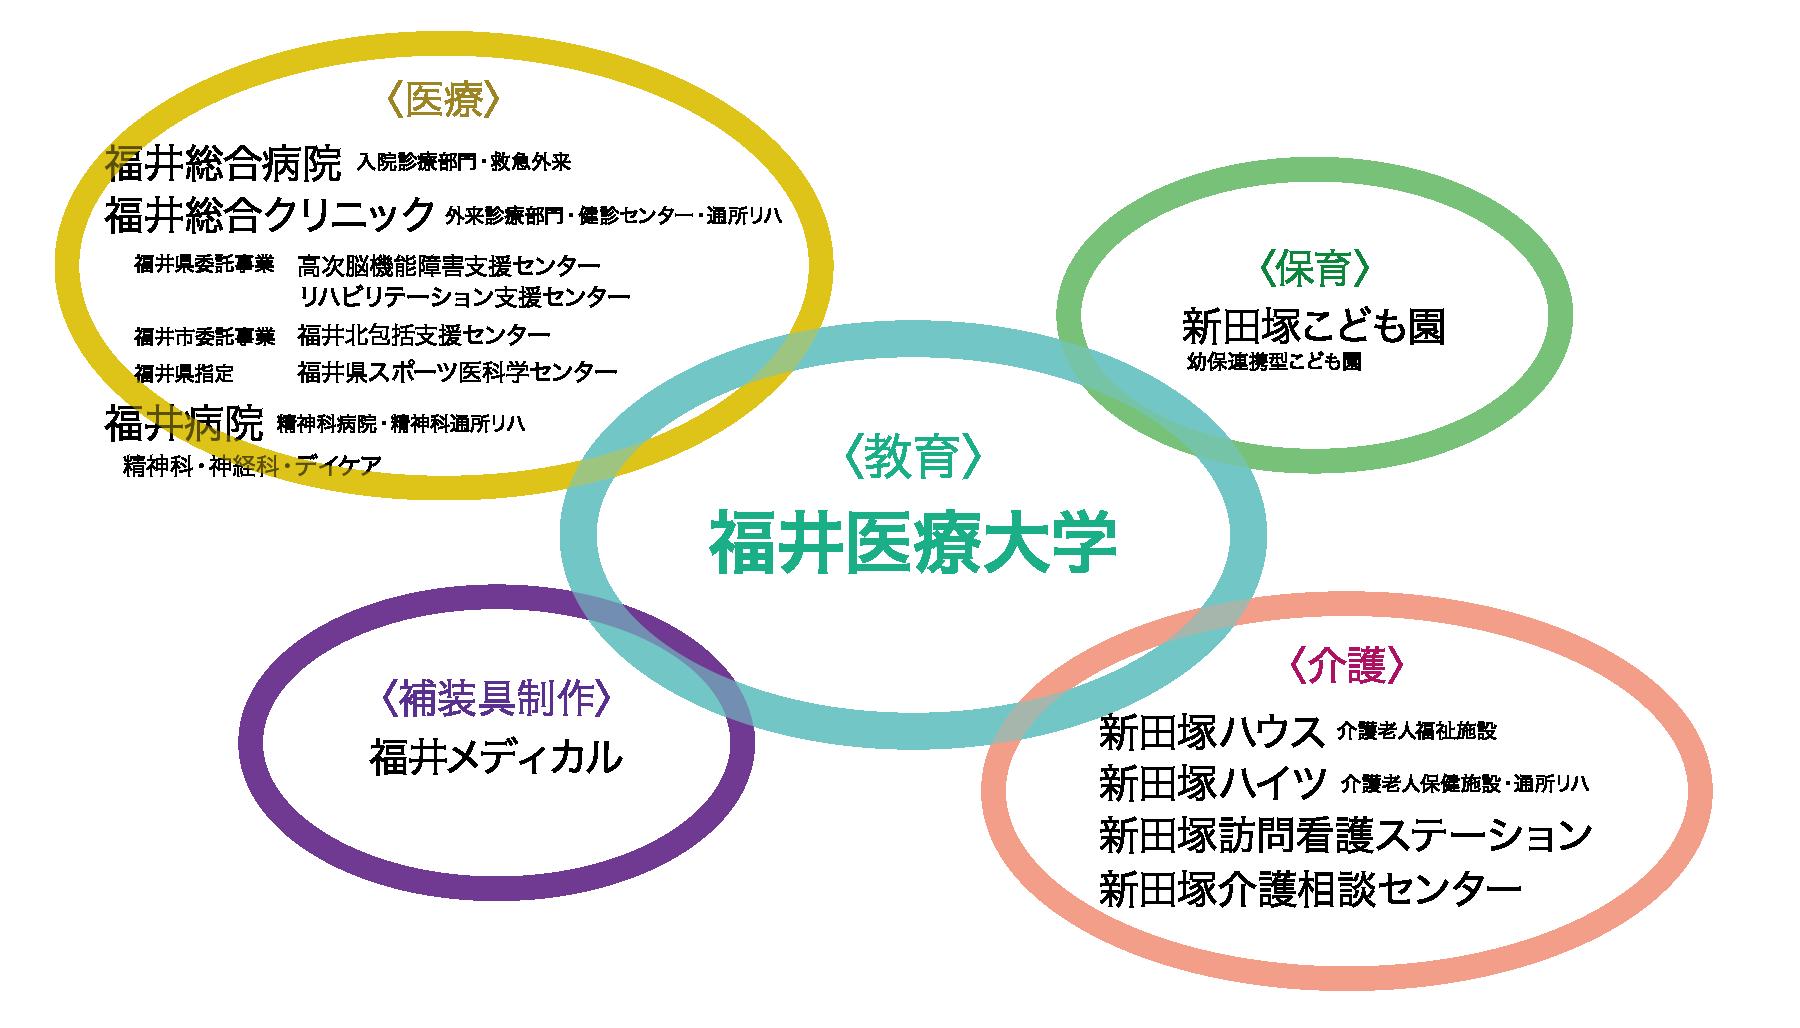 新田塚医療福祉センター